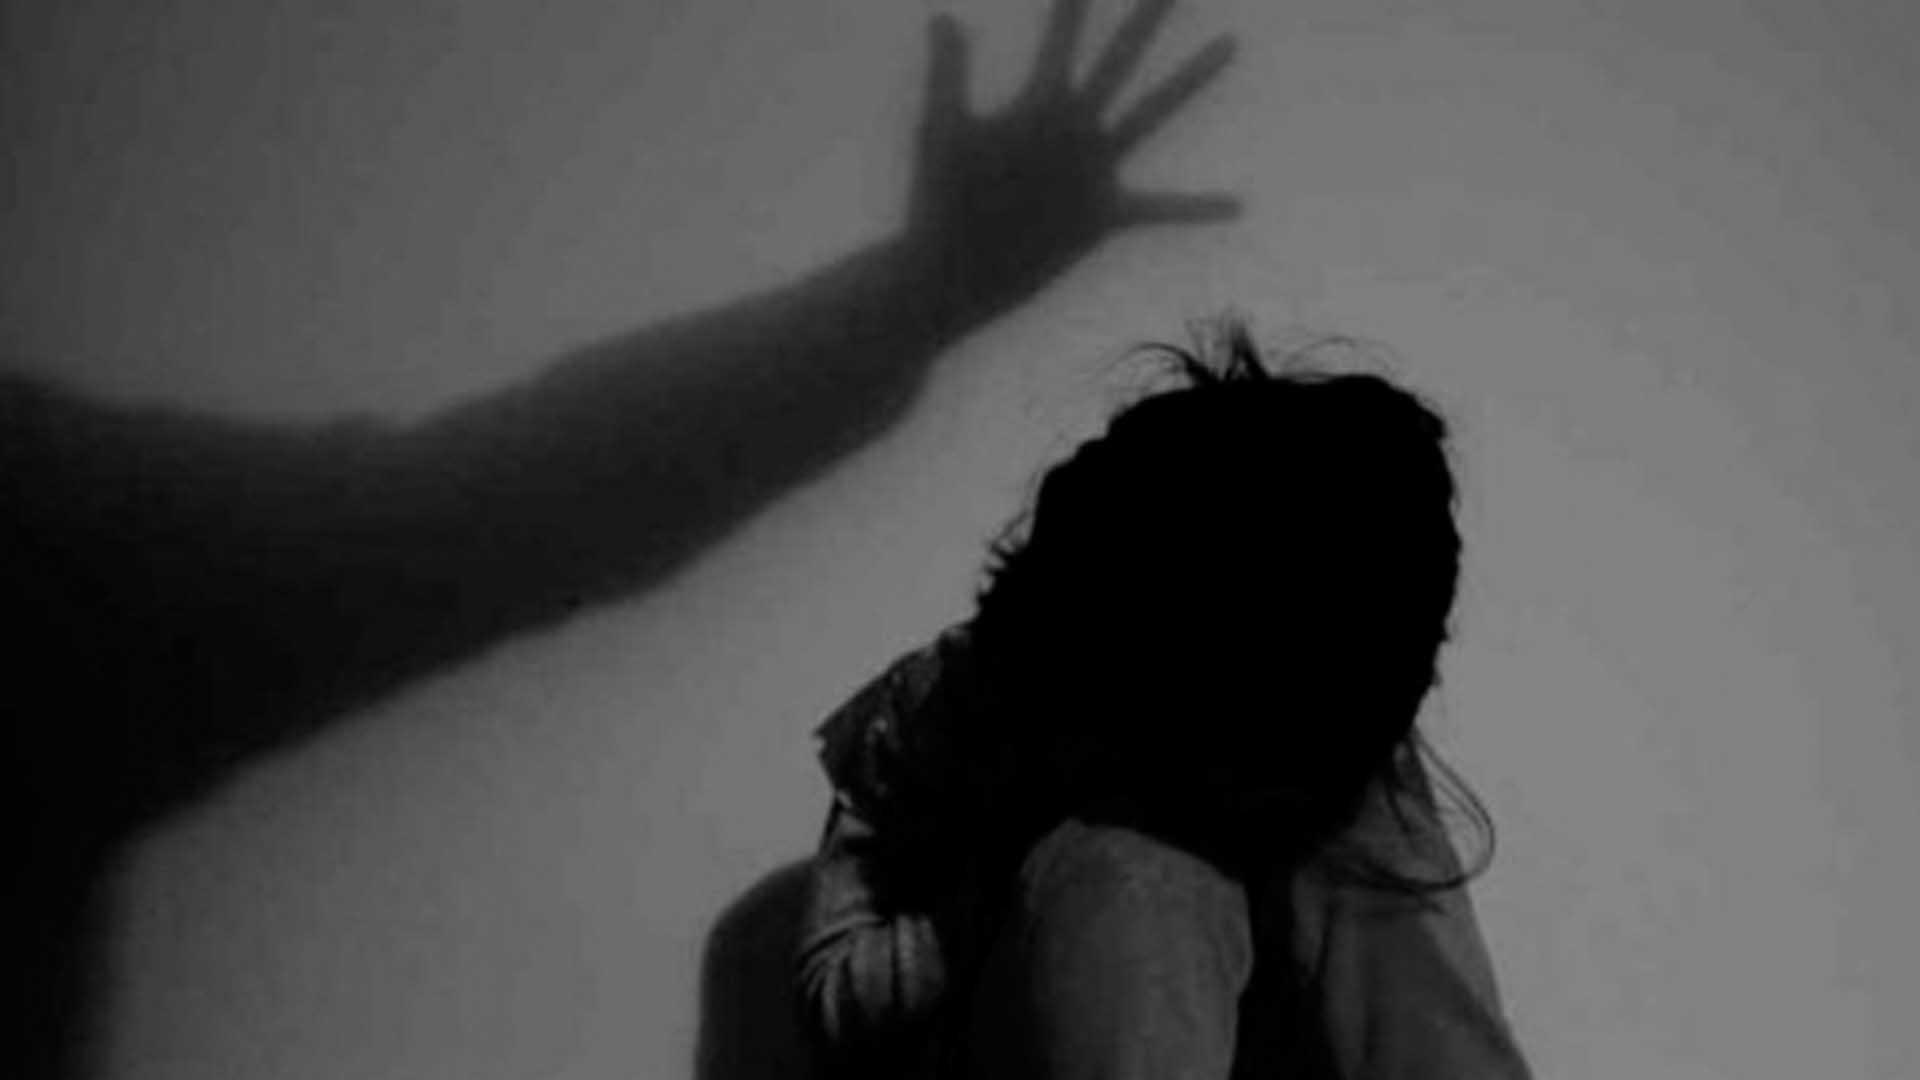 زنای با مجازات اعدام و قانون آن